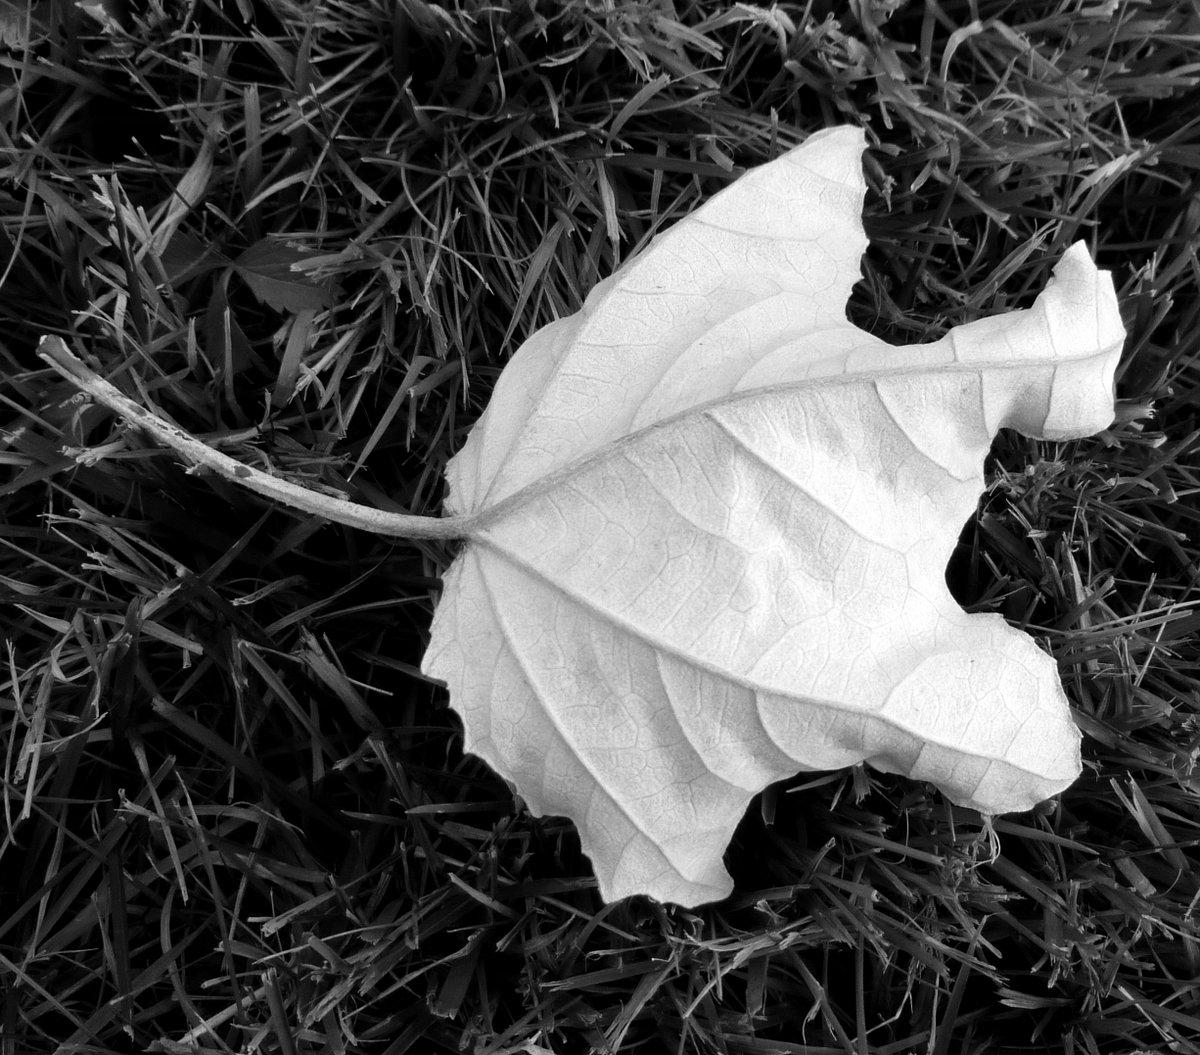 8. White Poplar Leaf